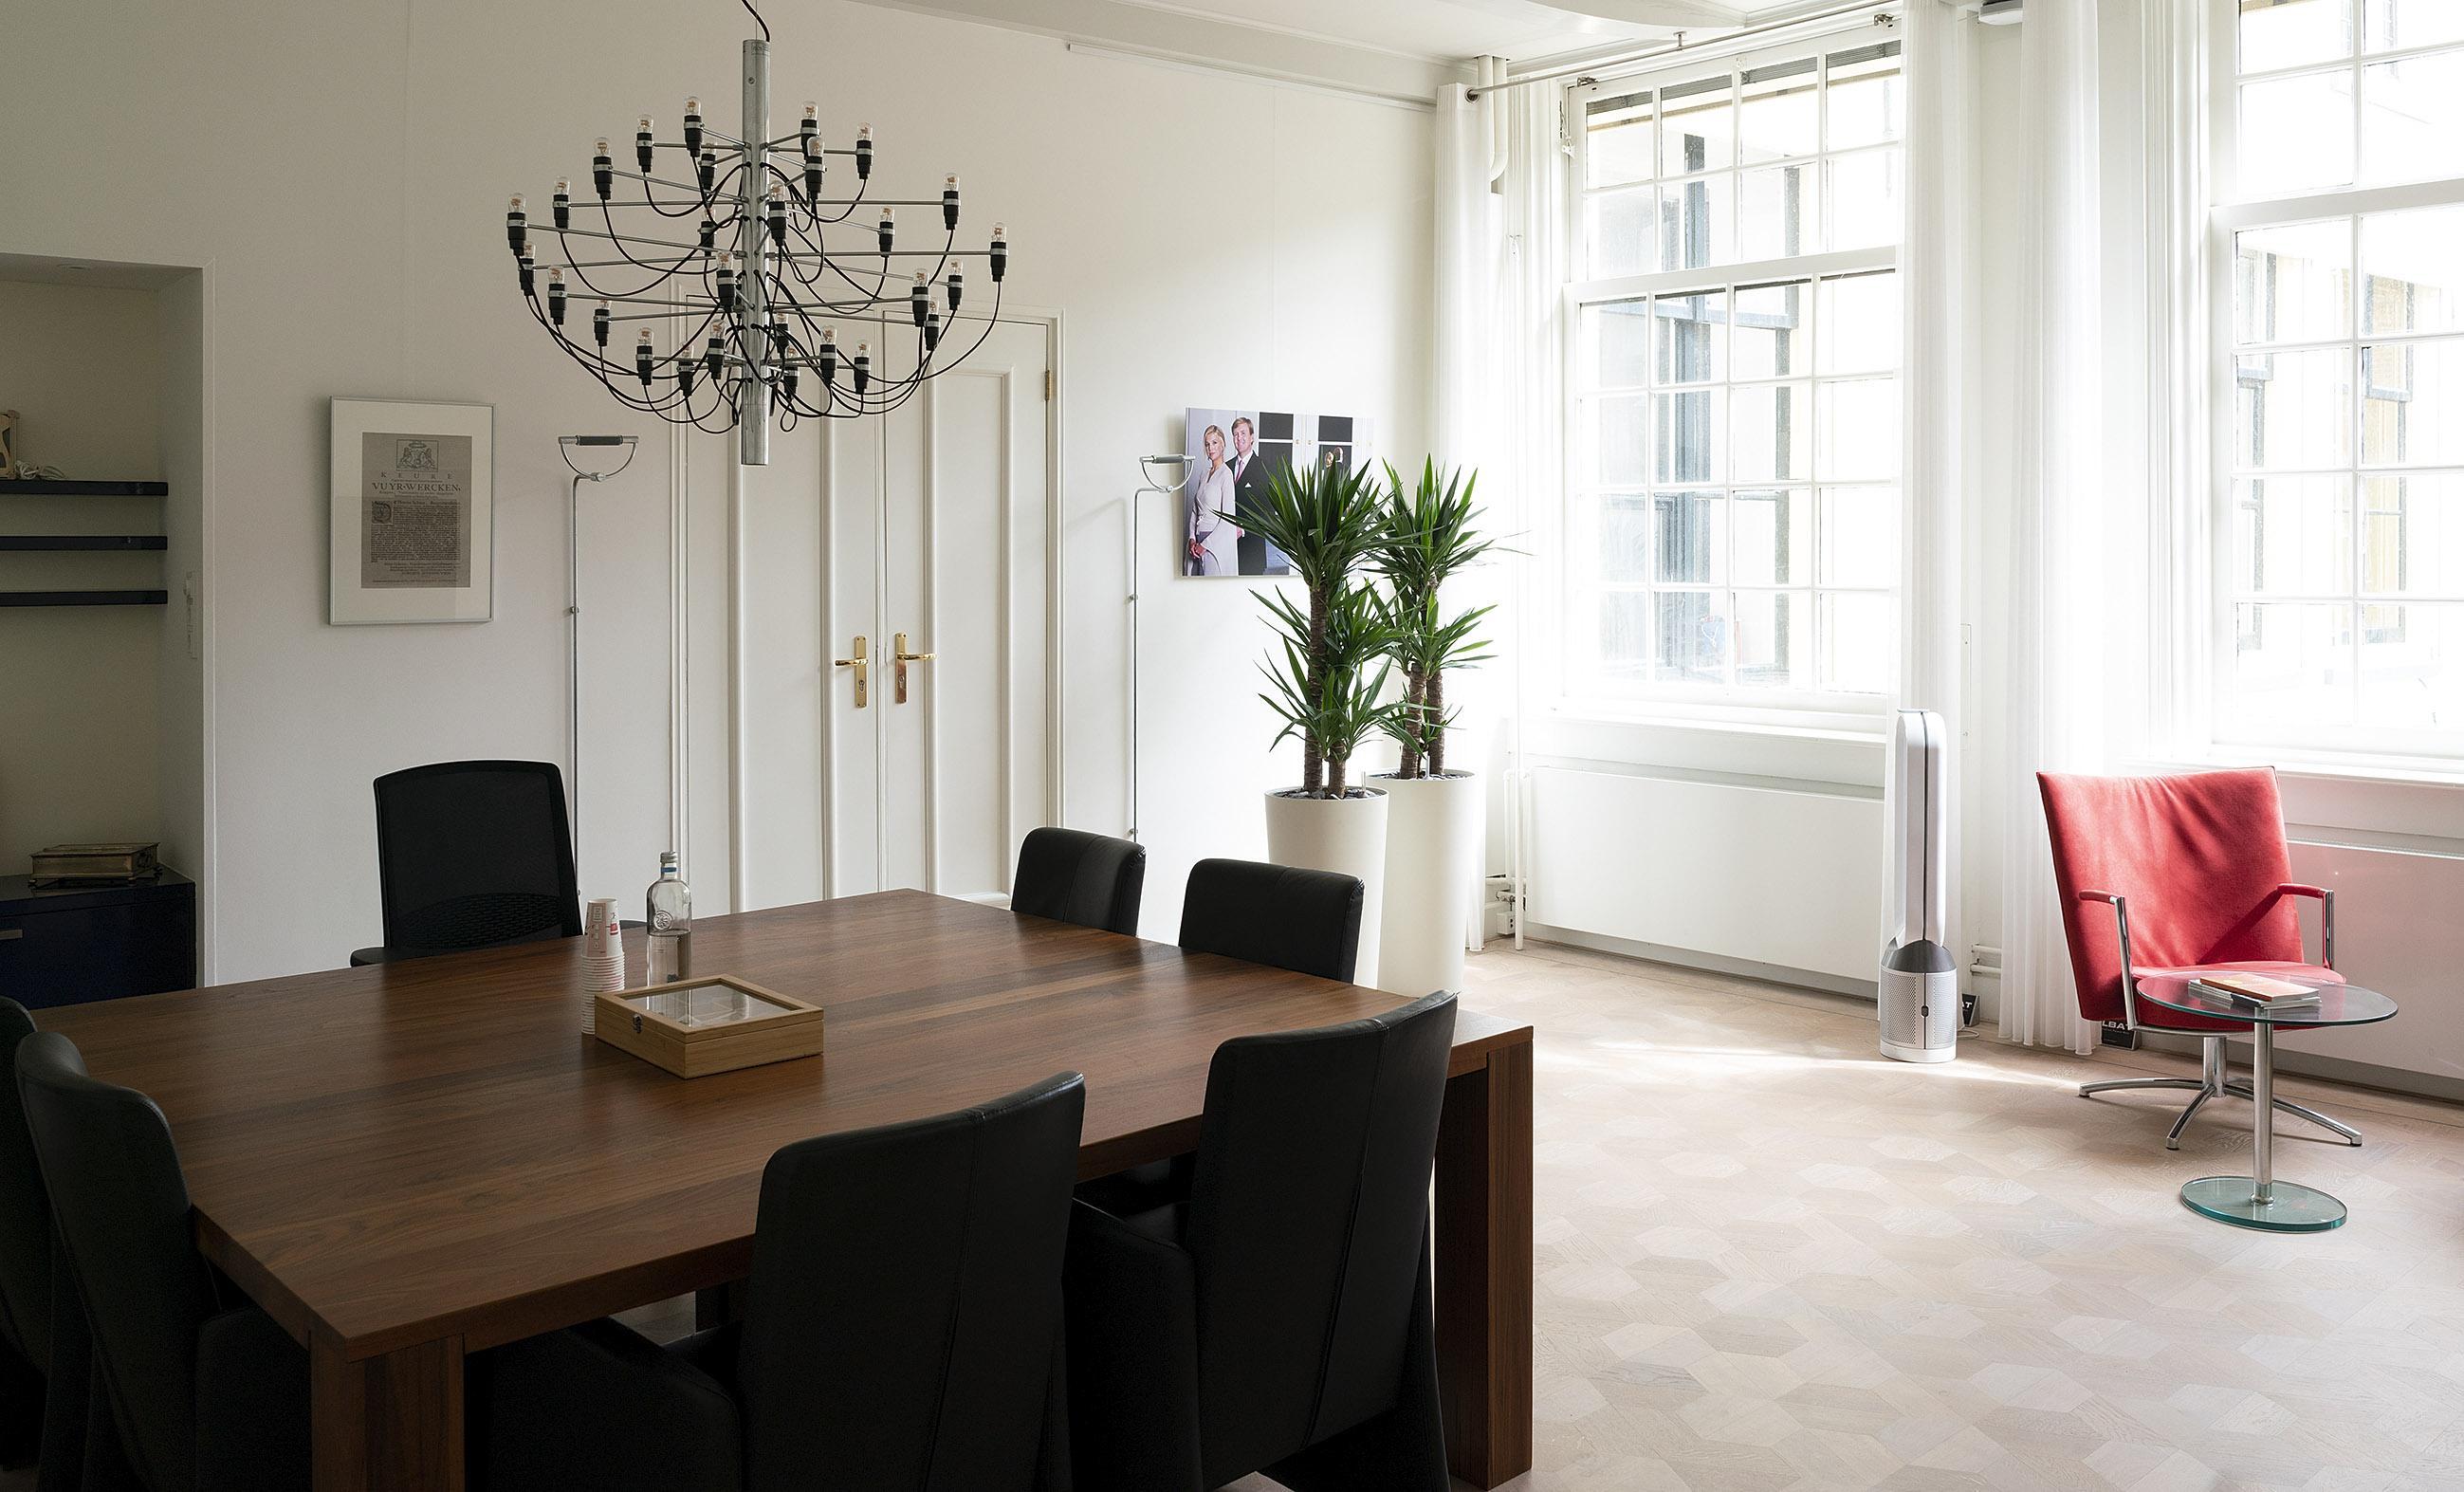 Wie wordt het: Onno, Mona, Marjan of toch Rudmer? Acht burgemeesterskandidaten voor Alkmaar